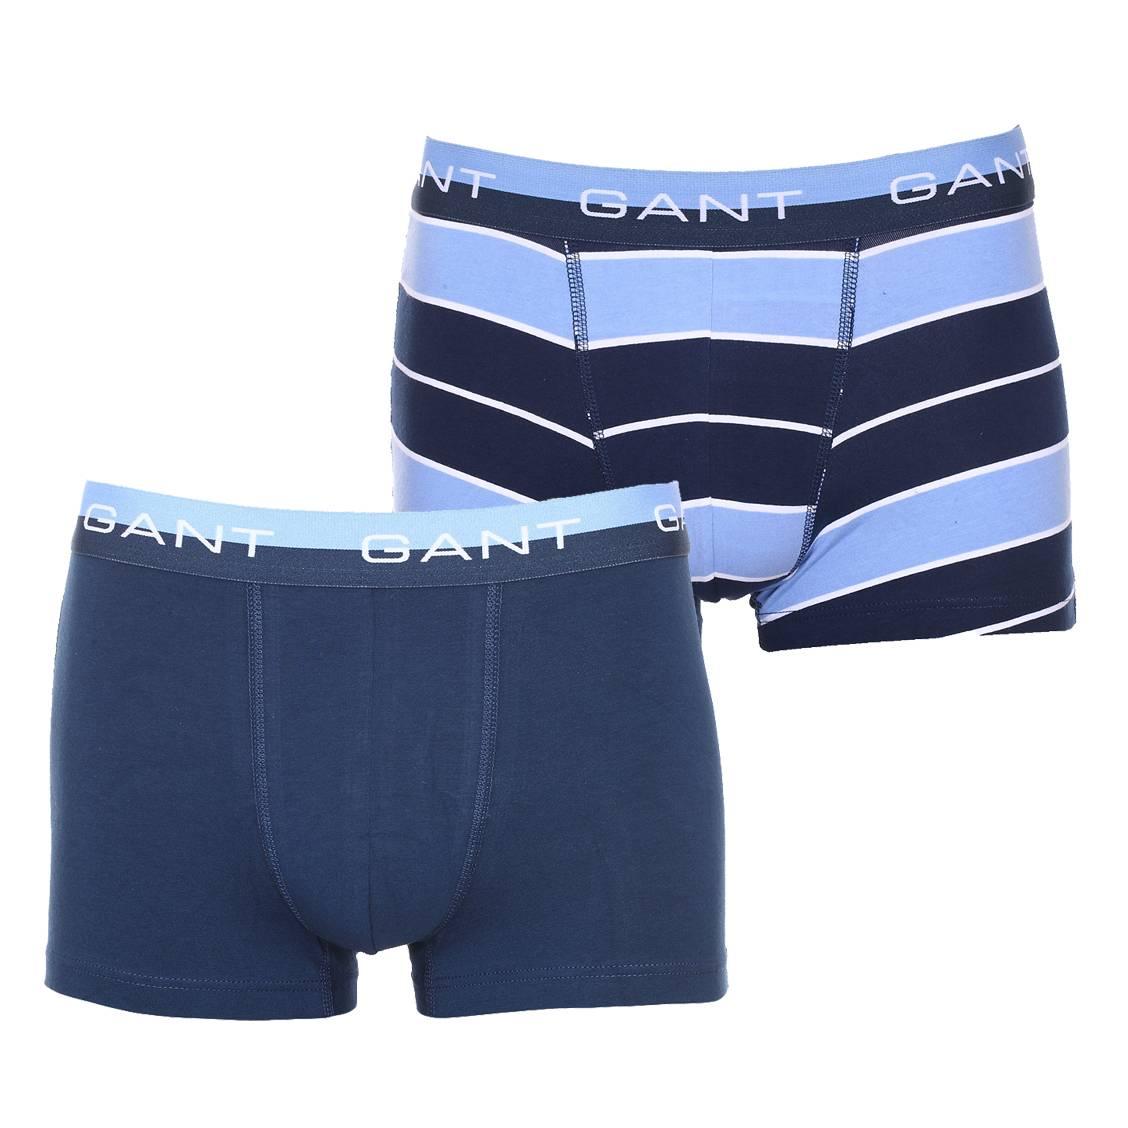 Lot de 2 boxers Gant en coton stretch : 1 modèle bleu marine et 1 modèle à rayures bleu marine, bleu clair et blanches